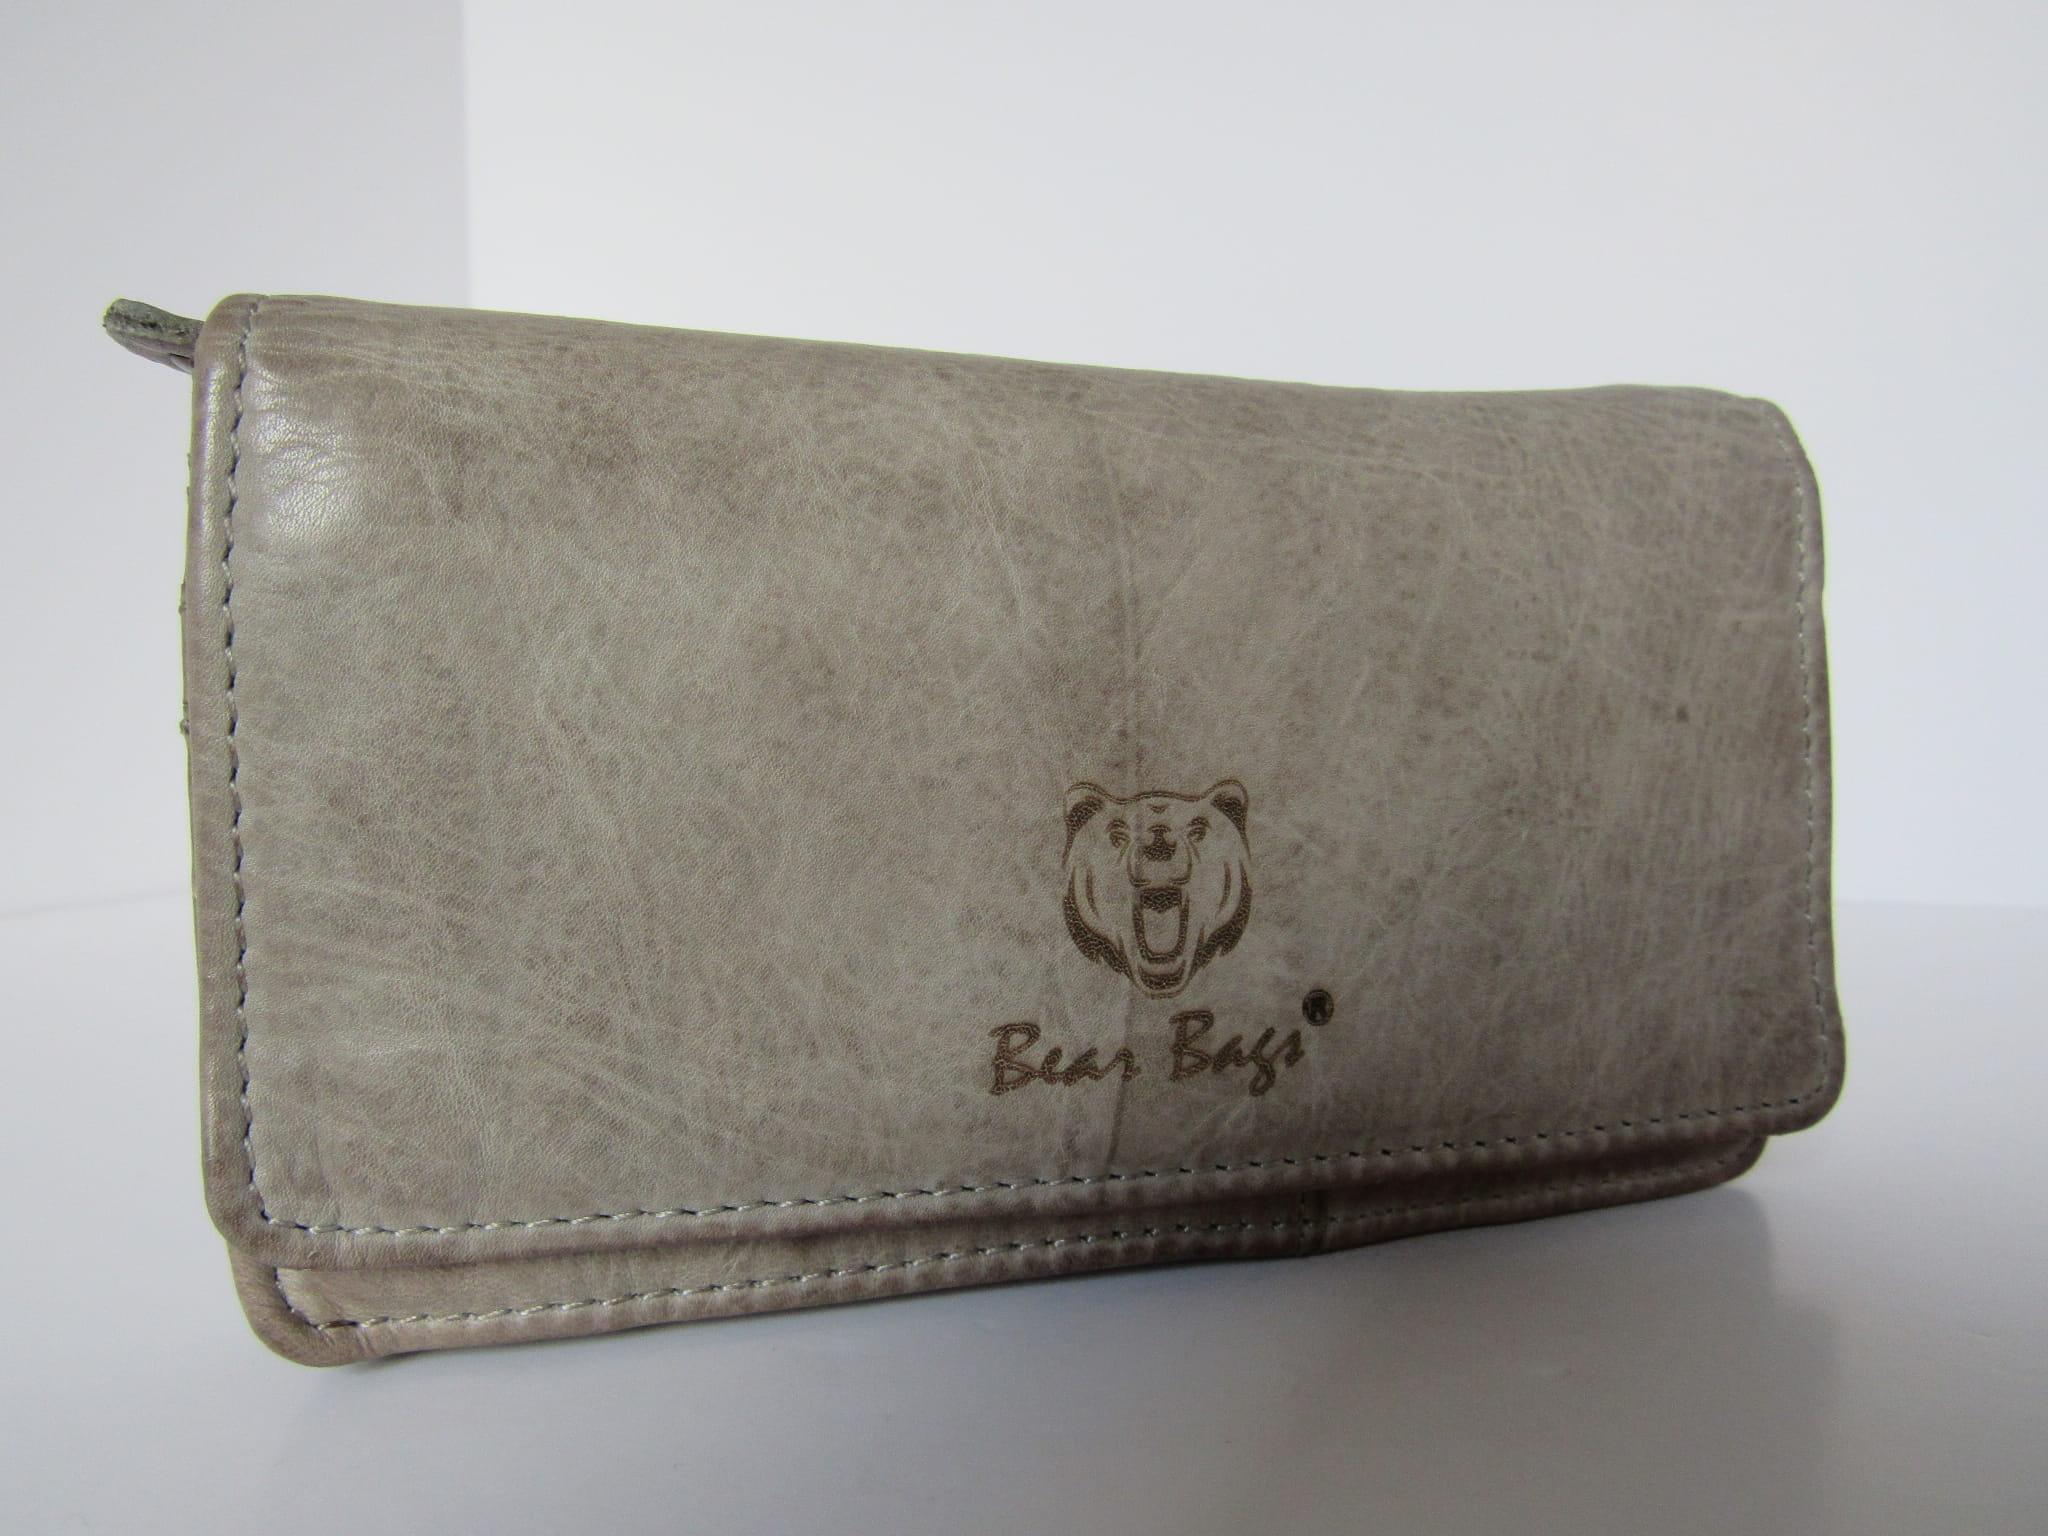 Bear Design Portemonnee Dames.Bear Design Dames Portemonnee Grizzly Vledderland Webshop